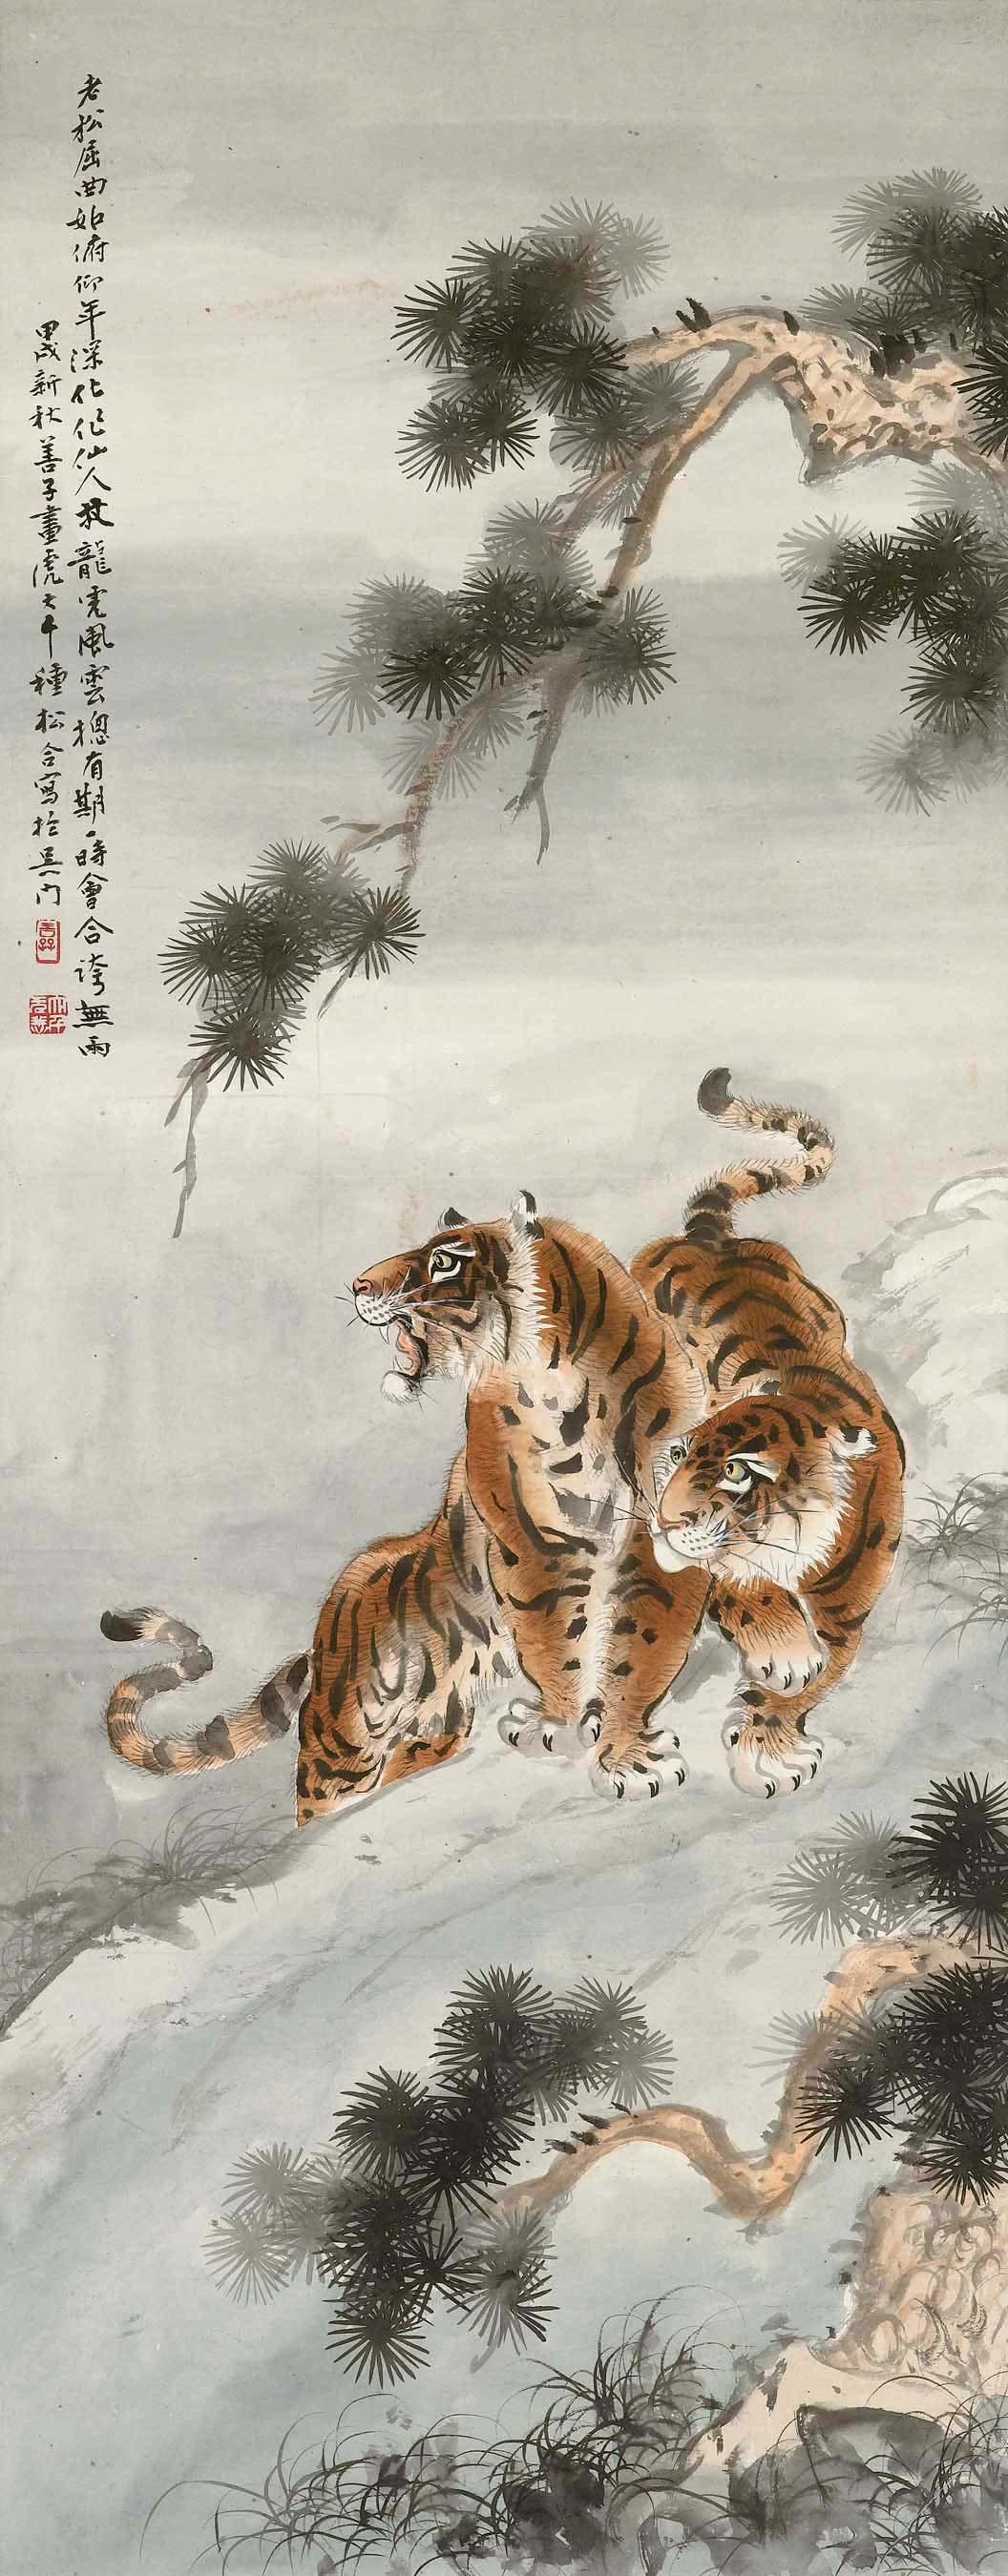 ZHANG SHANZI (1882-1940)   ZHANG DAQIAN (1899-1983)